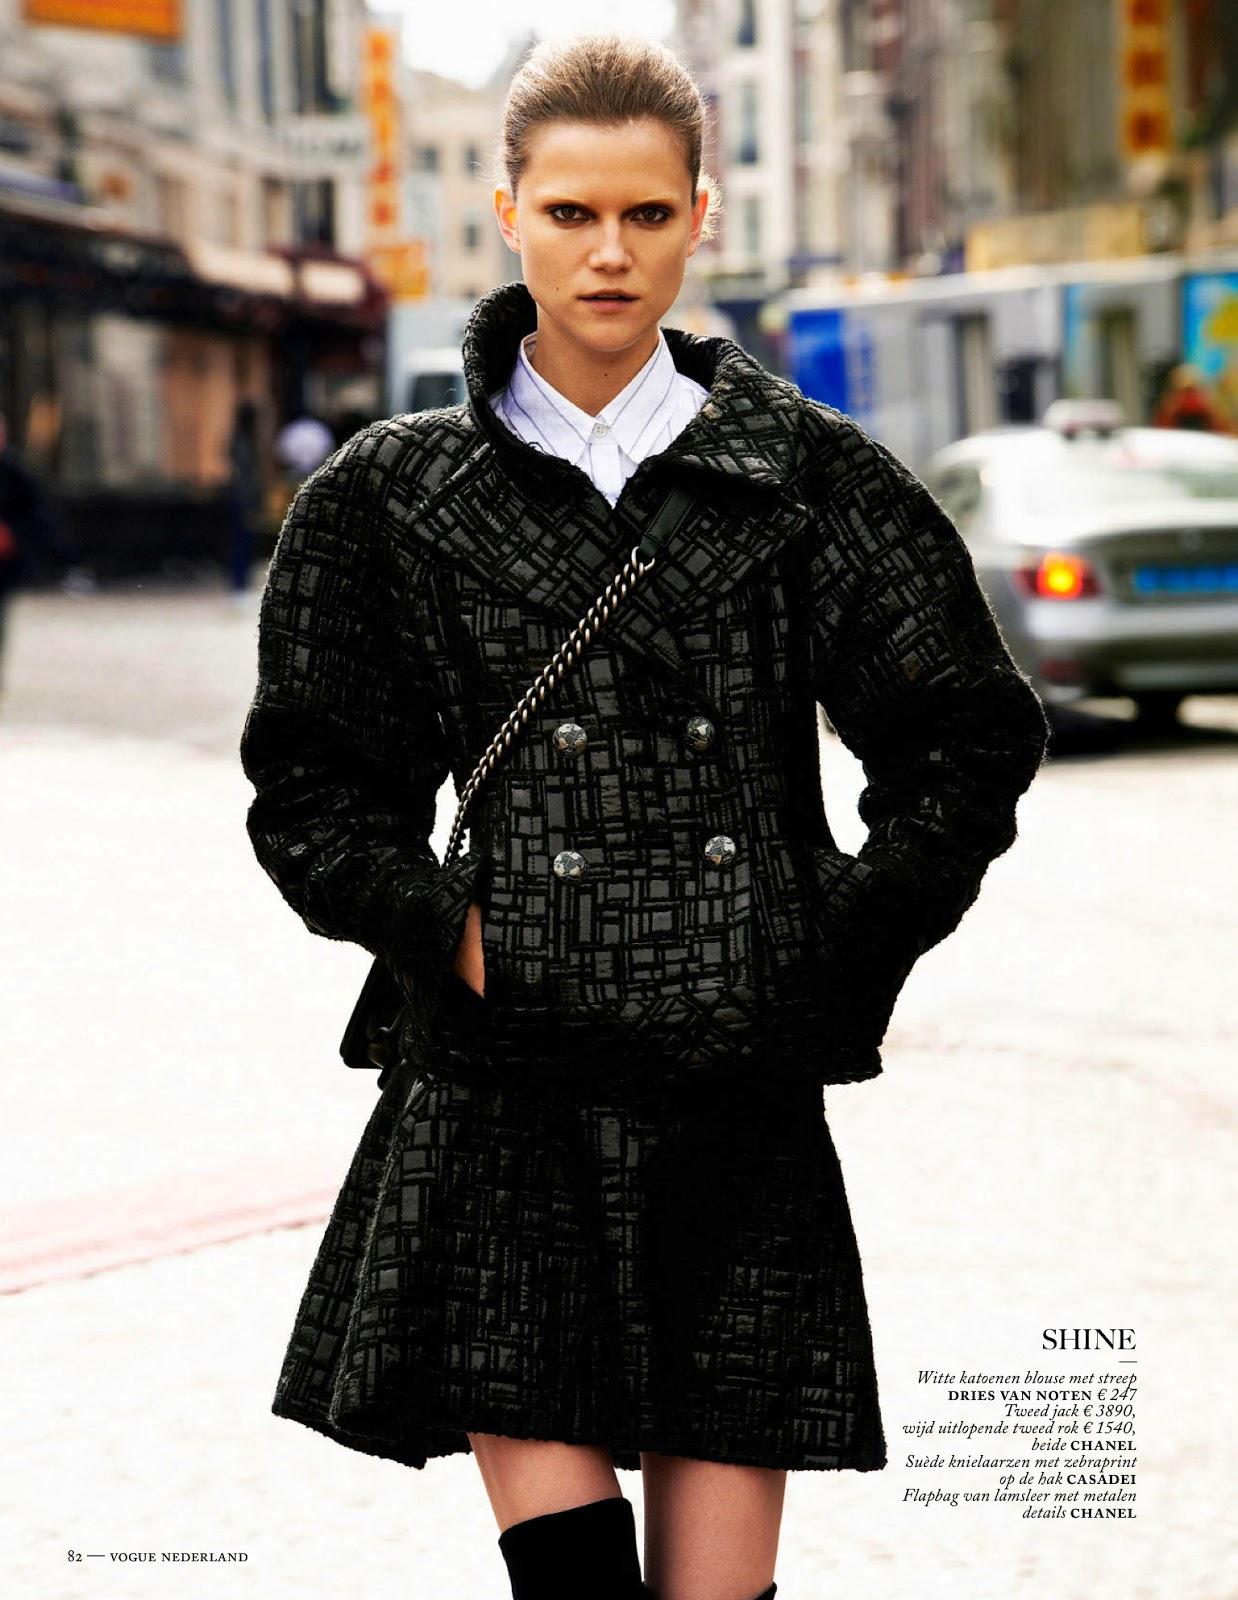 Fashion Forward Vogue Netherlands August 2013 11